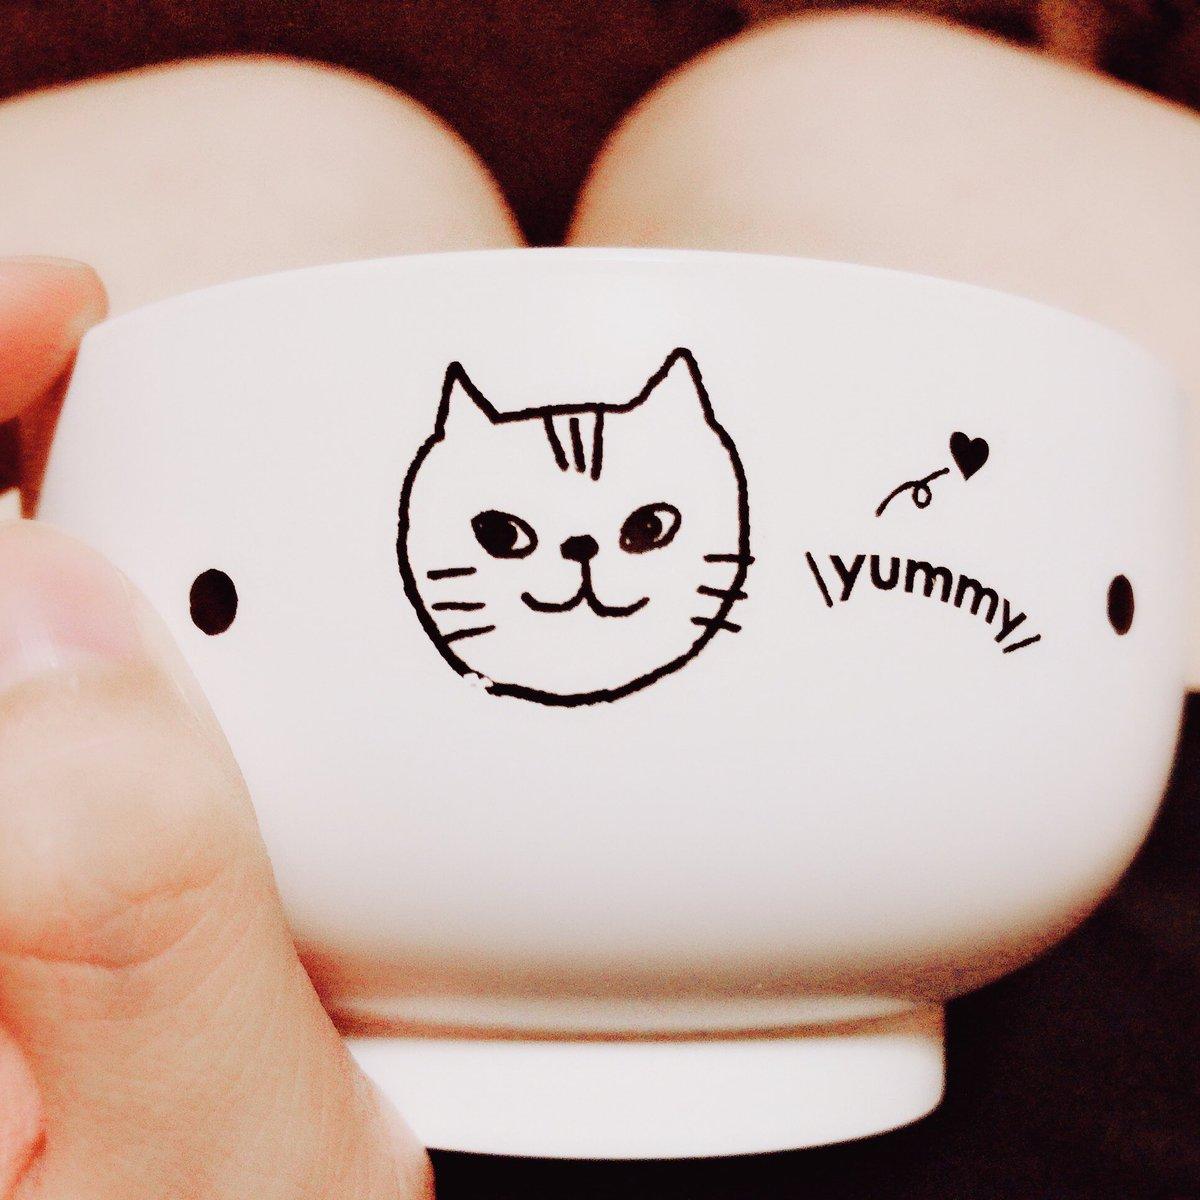 test ツイッターメディア - ただいまー!宣言通りにお猫様のお椀買ってきたよ?(*ΦωΦ*)??白いお椀初めてでめっちゃ可愛く見えるの!!明日からよろしくね?? #キャンドゥ https://t.co/OPn3ZgxZBj